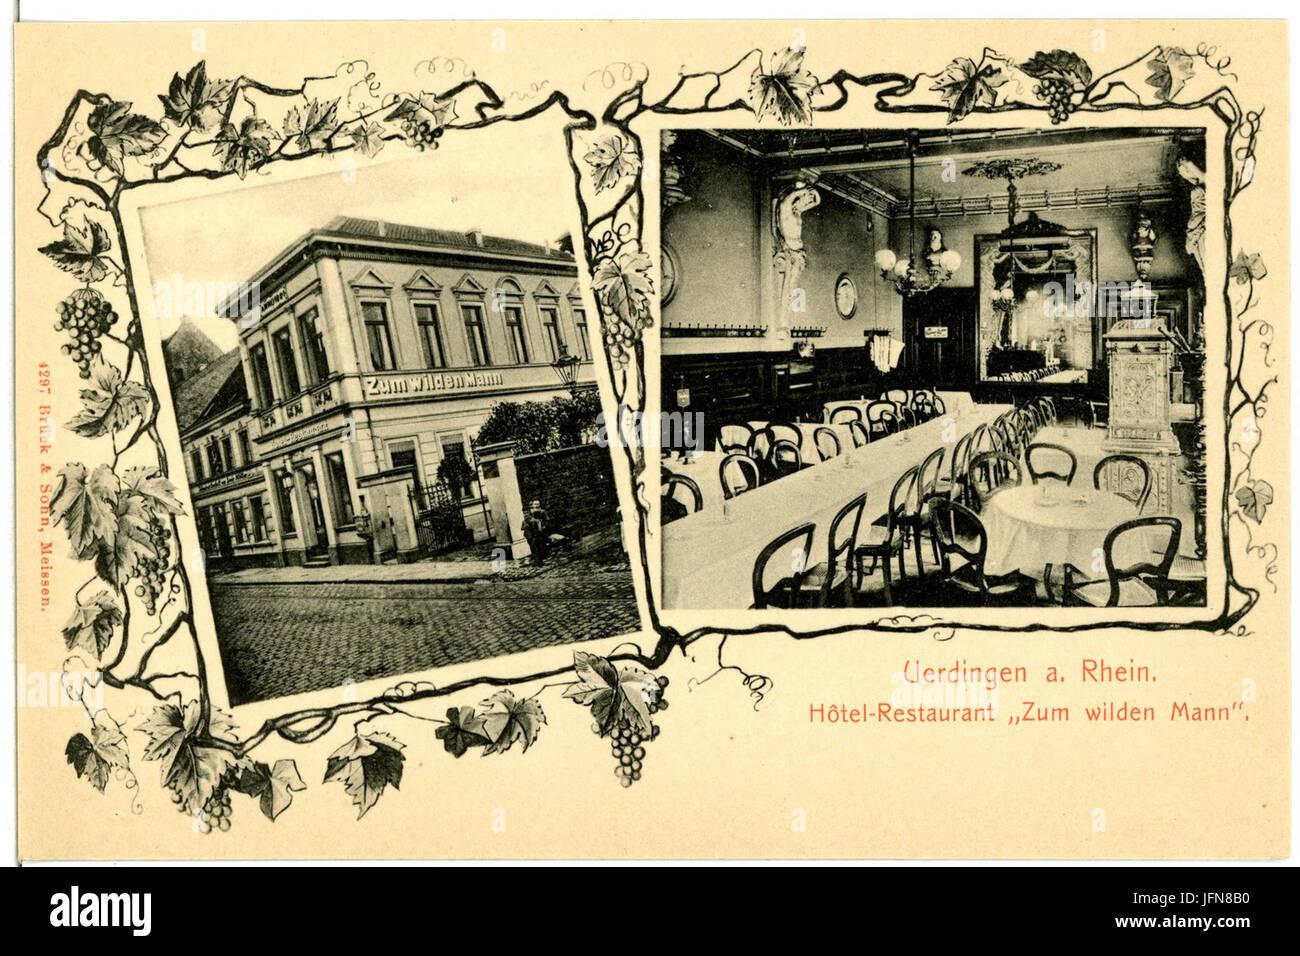 04297-Uerdingen-1903-Restaurant zum wilden Mann-Brück & Sohn Kunstverlag - Stock Image